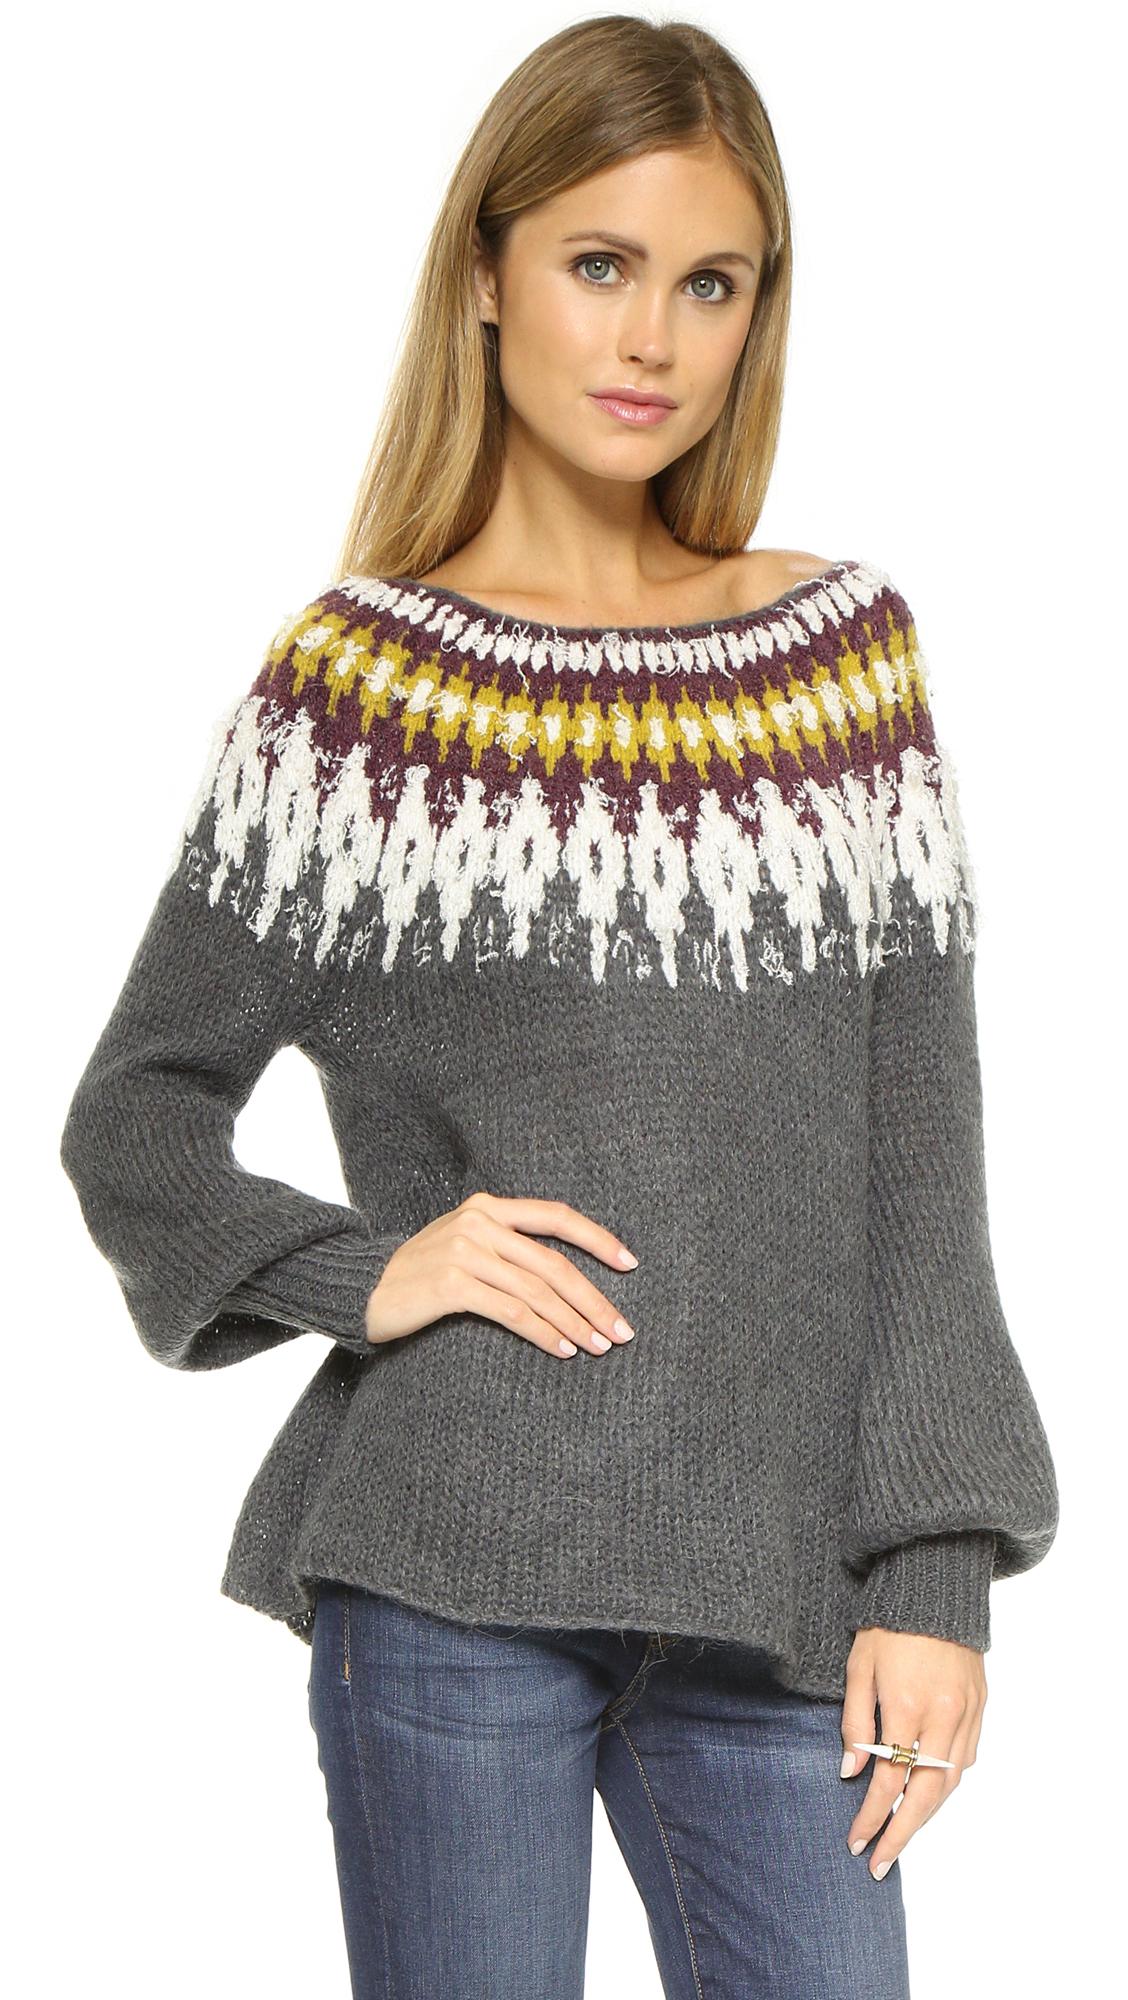 Free people Baltic Fair Isle Sweater - Grey Combo in Gray | Lyst